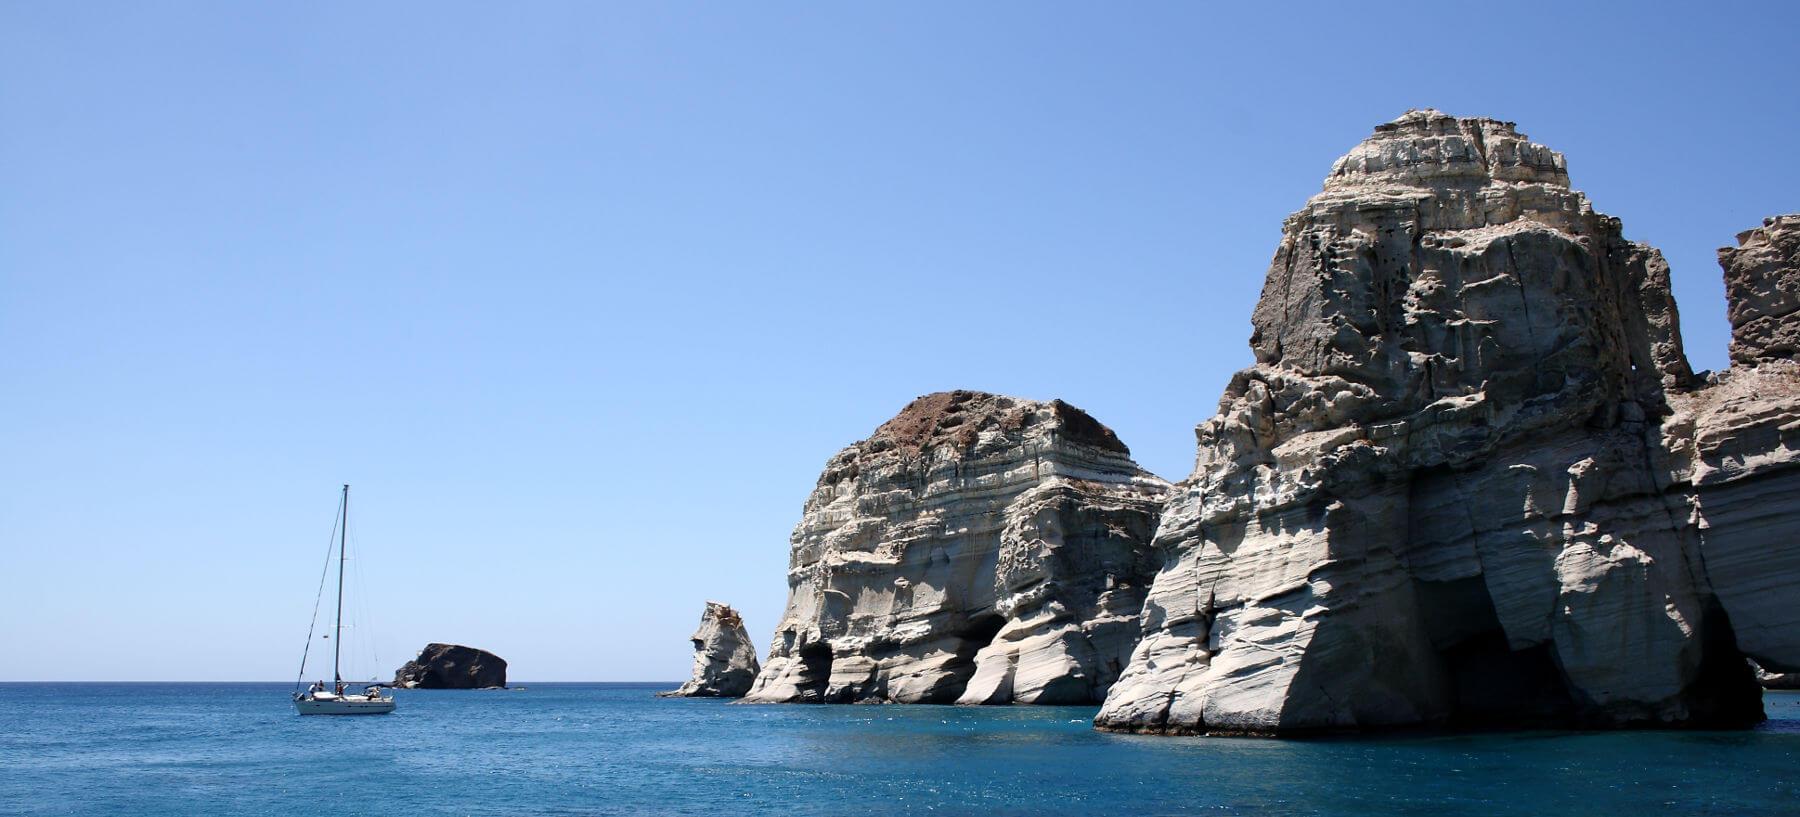 Aegean Sea Sail and Hike tour